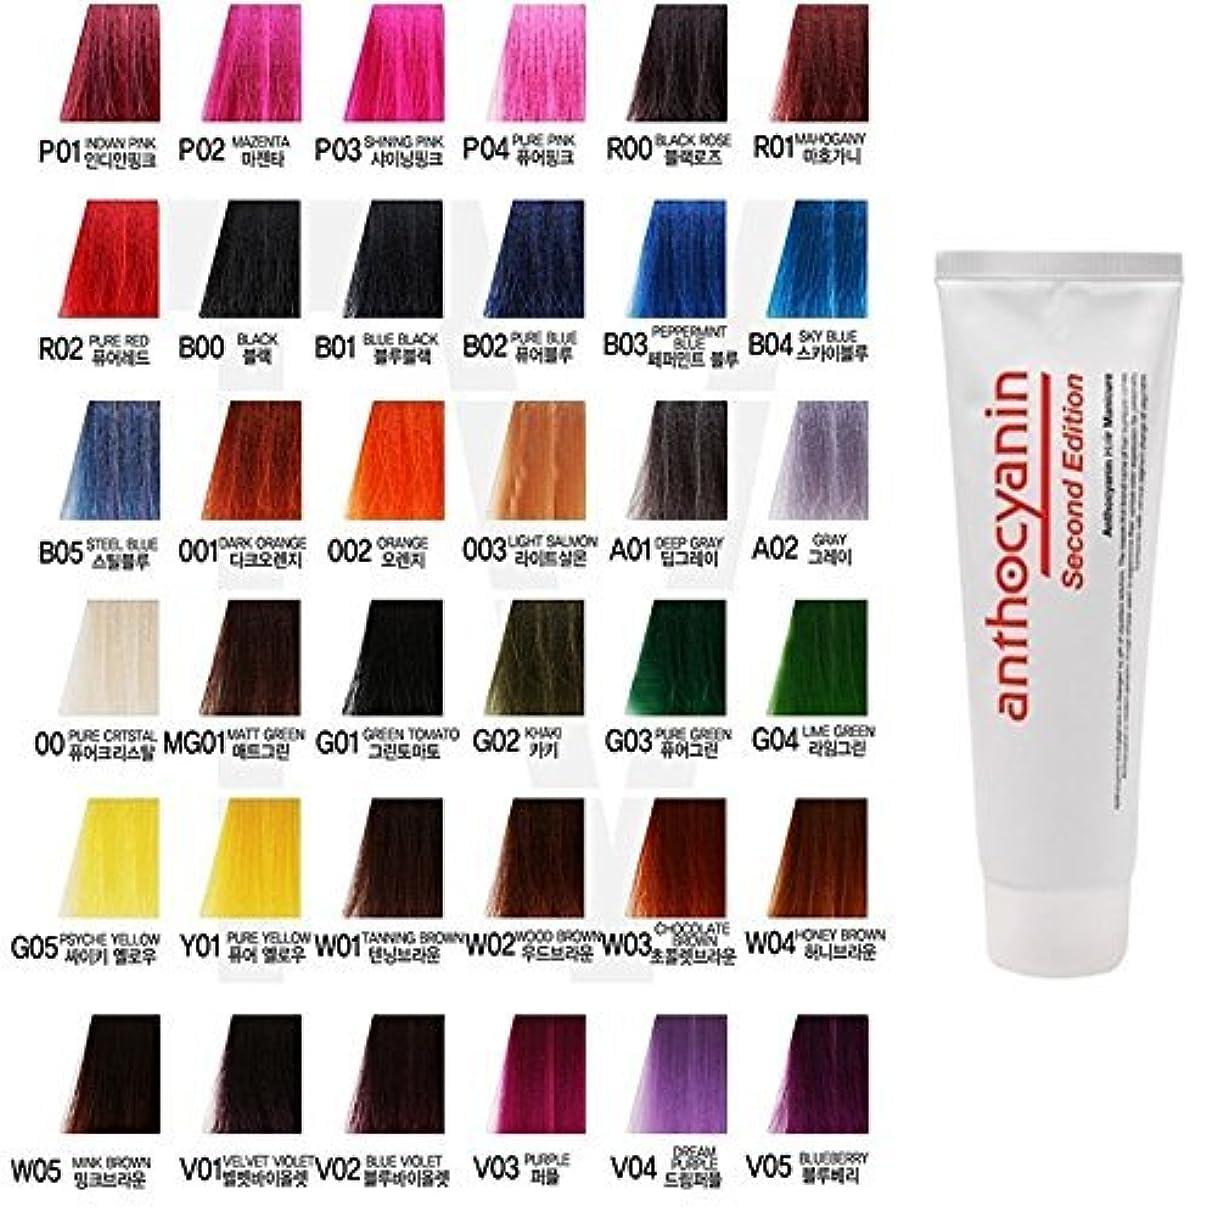 合意エミュレートする醜いヘア マニキュア カラー セカンド エディション 230g セミ パーマネント 染毛剤 ( Hair Manicure Color Second Edition 230g Semi Permanent Hair Dye) [並行輸入品] (O02 Orange)